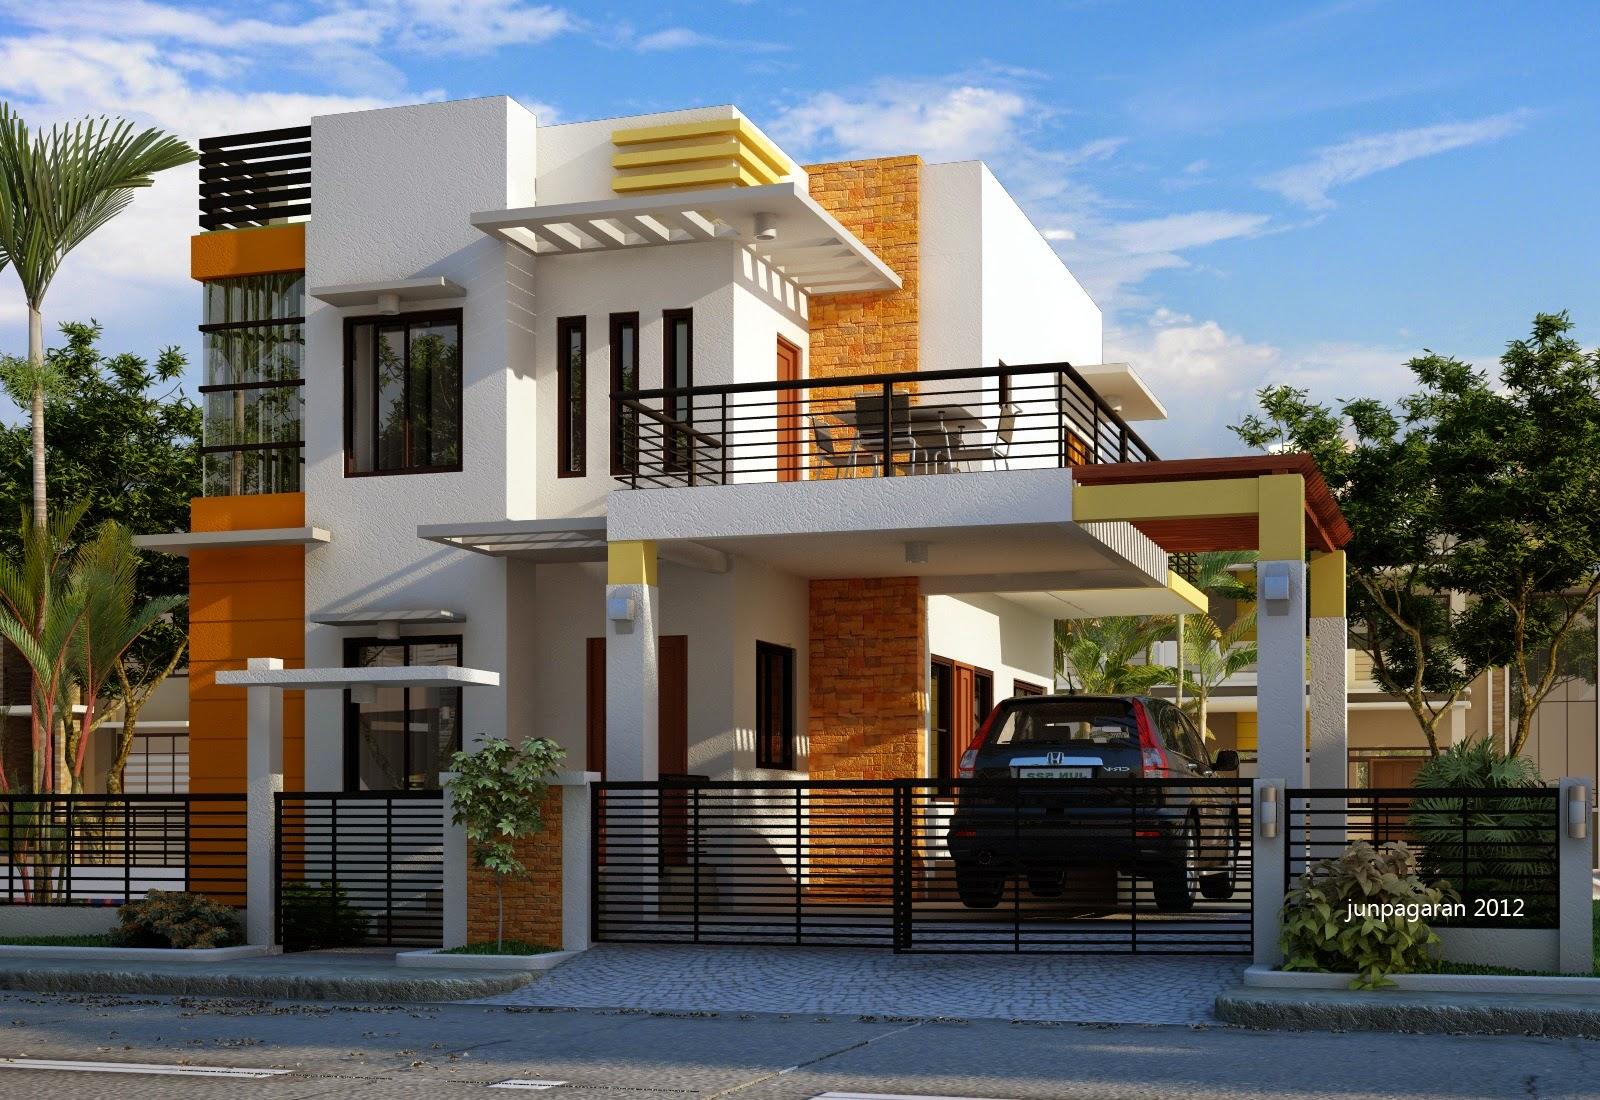 64 Desain Rumah Minimalis Dengan Mezzanine Desain Rumah Minimalis